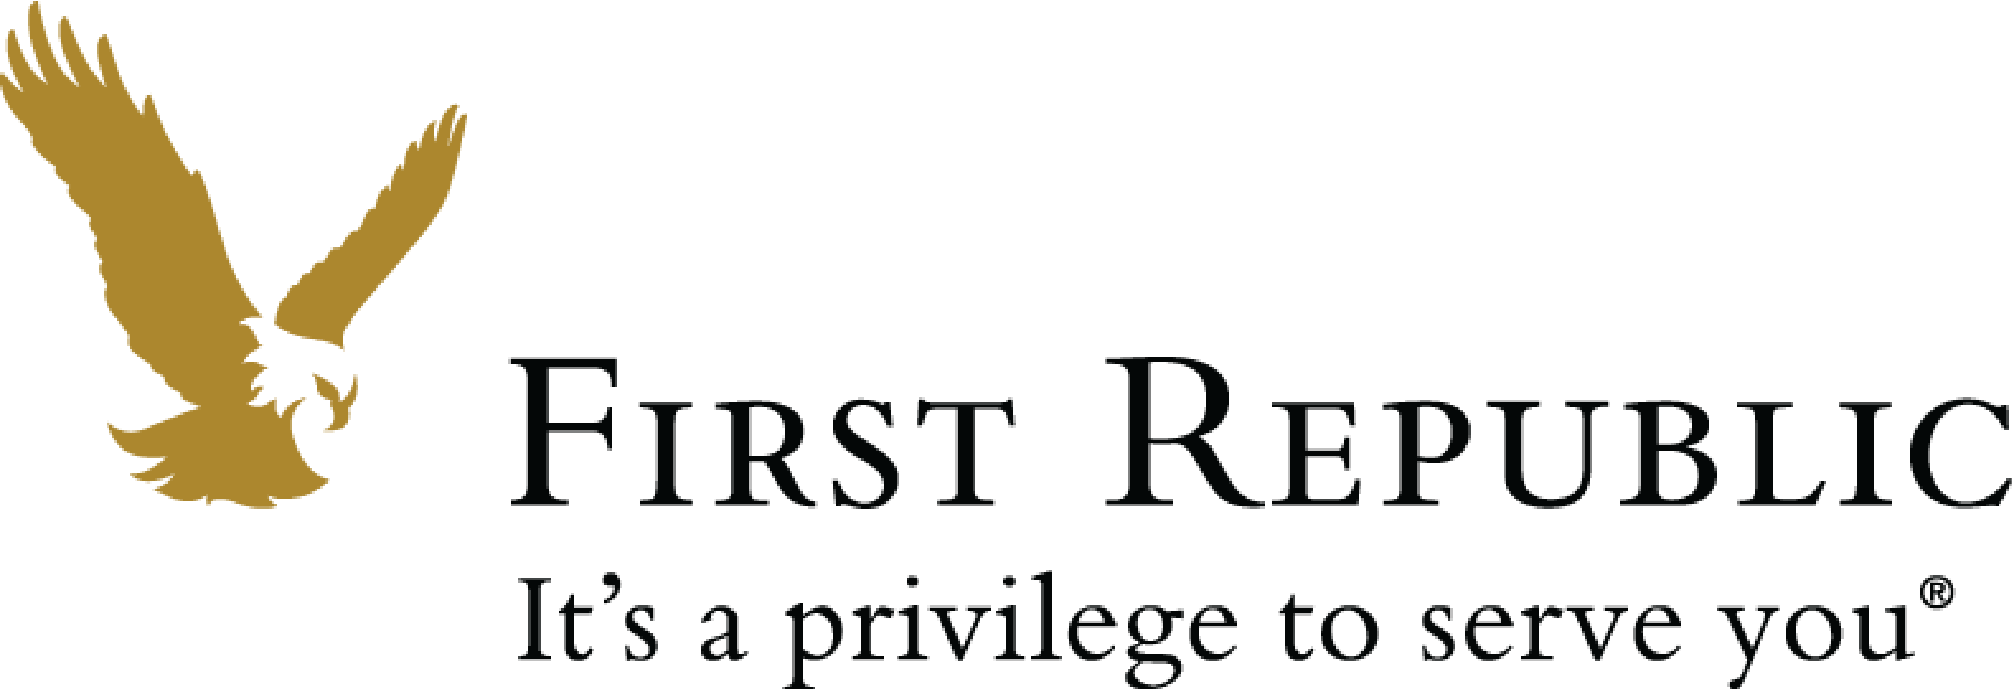 FirstRepublic